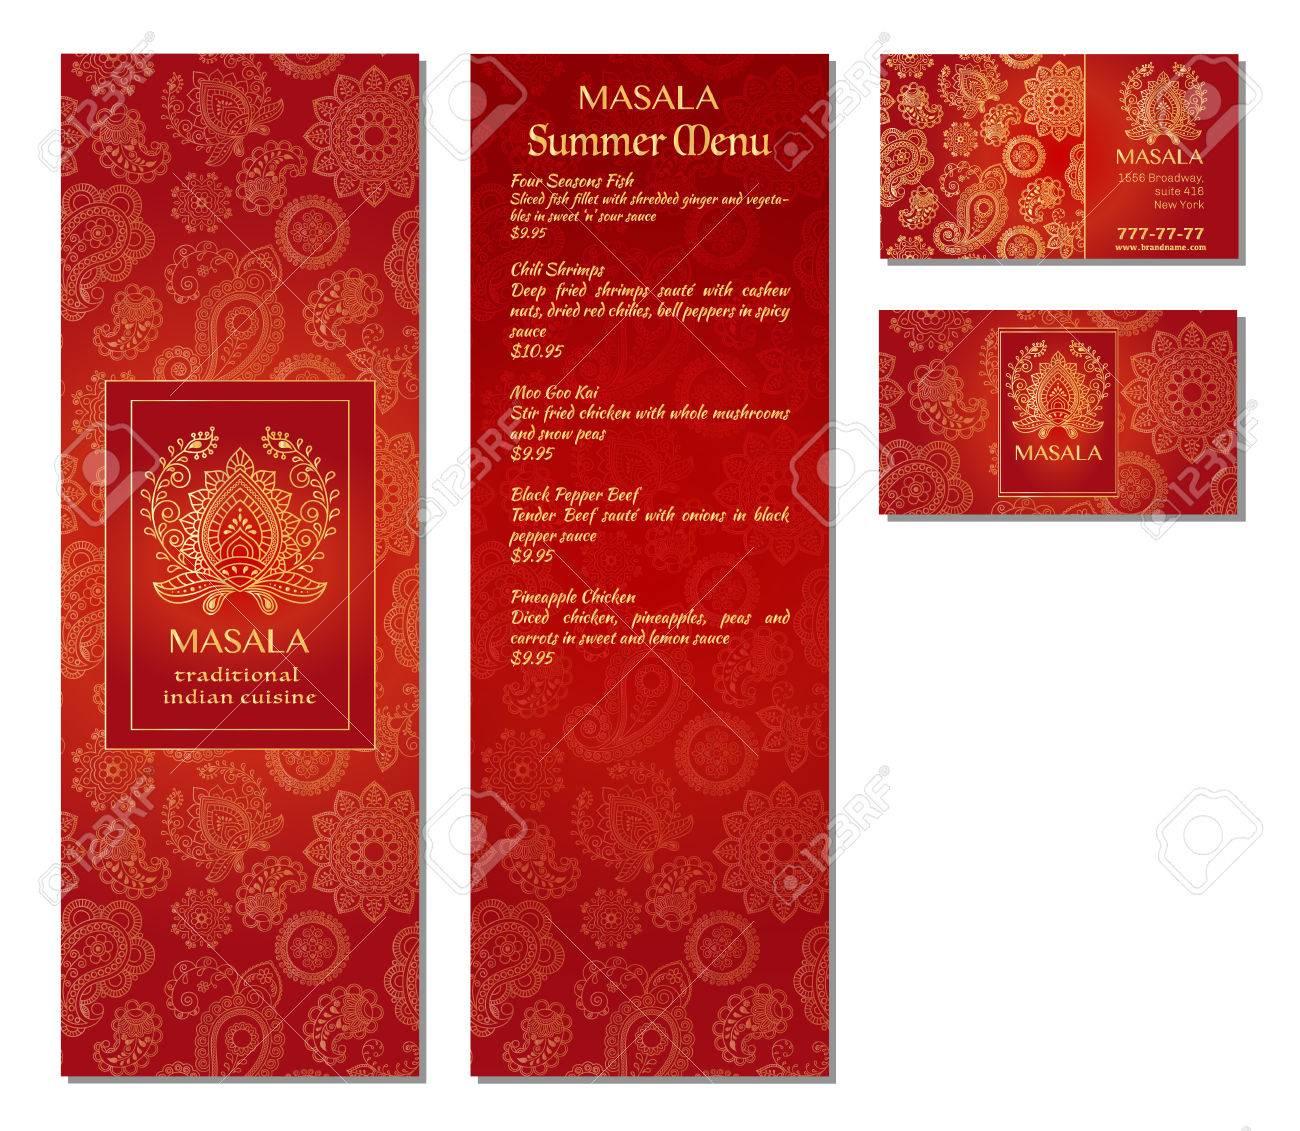 Vector Illustration Dune Conception De Modle Carte Menu Pour Un Restaurant Ou Caf Cuisine Orientale Indienne Asiatique Arabe Et